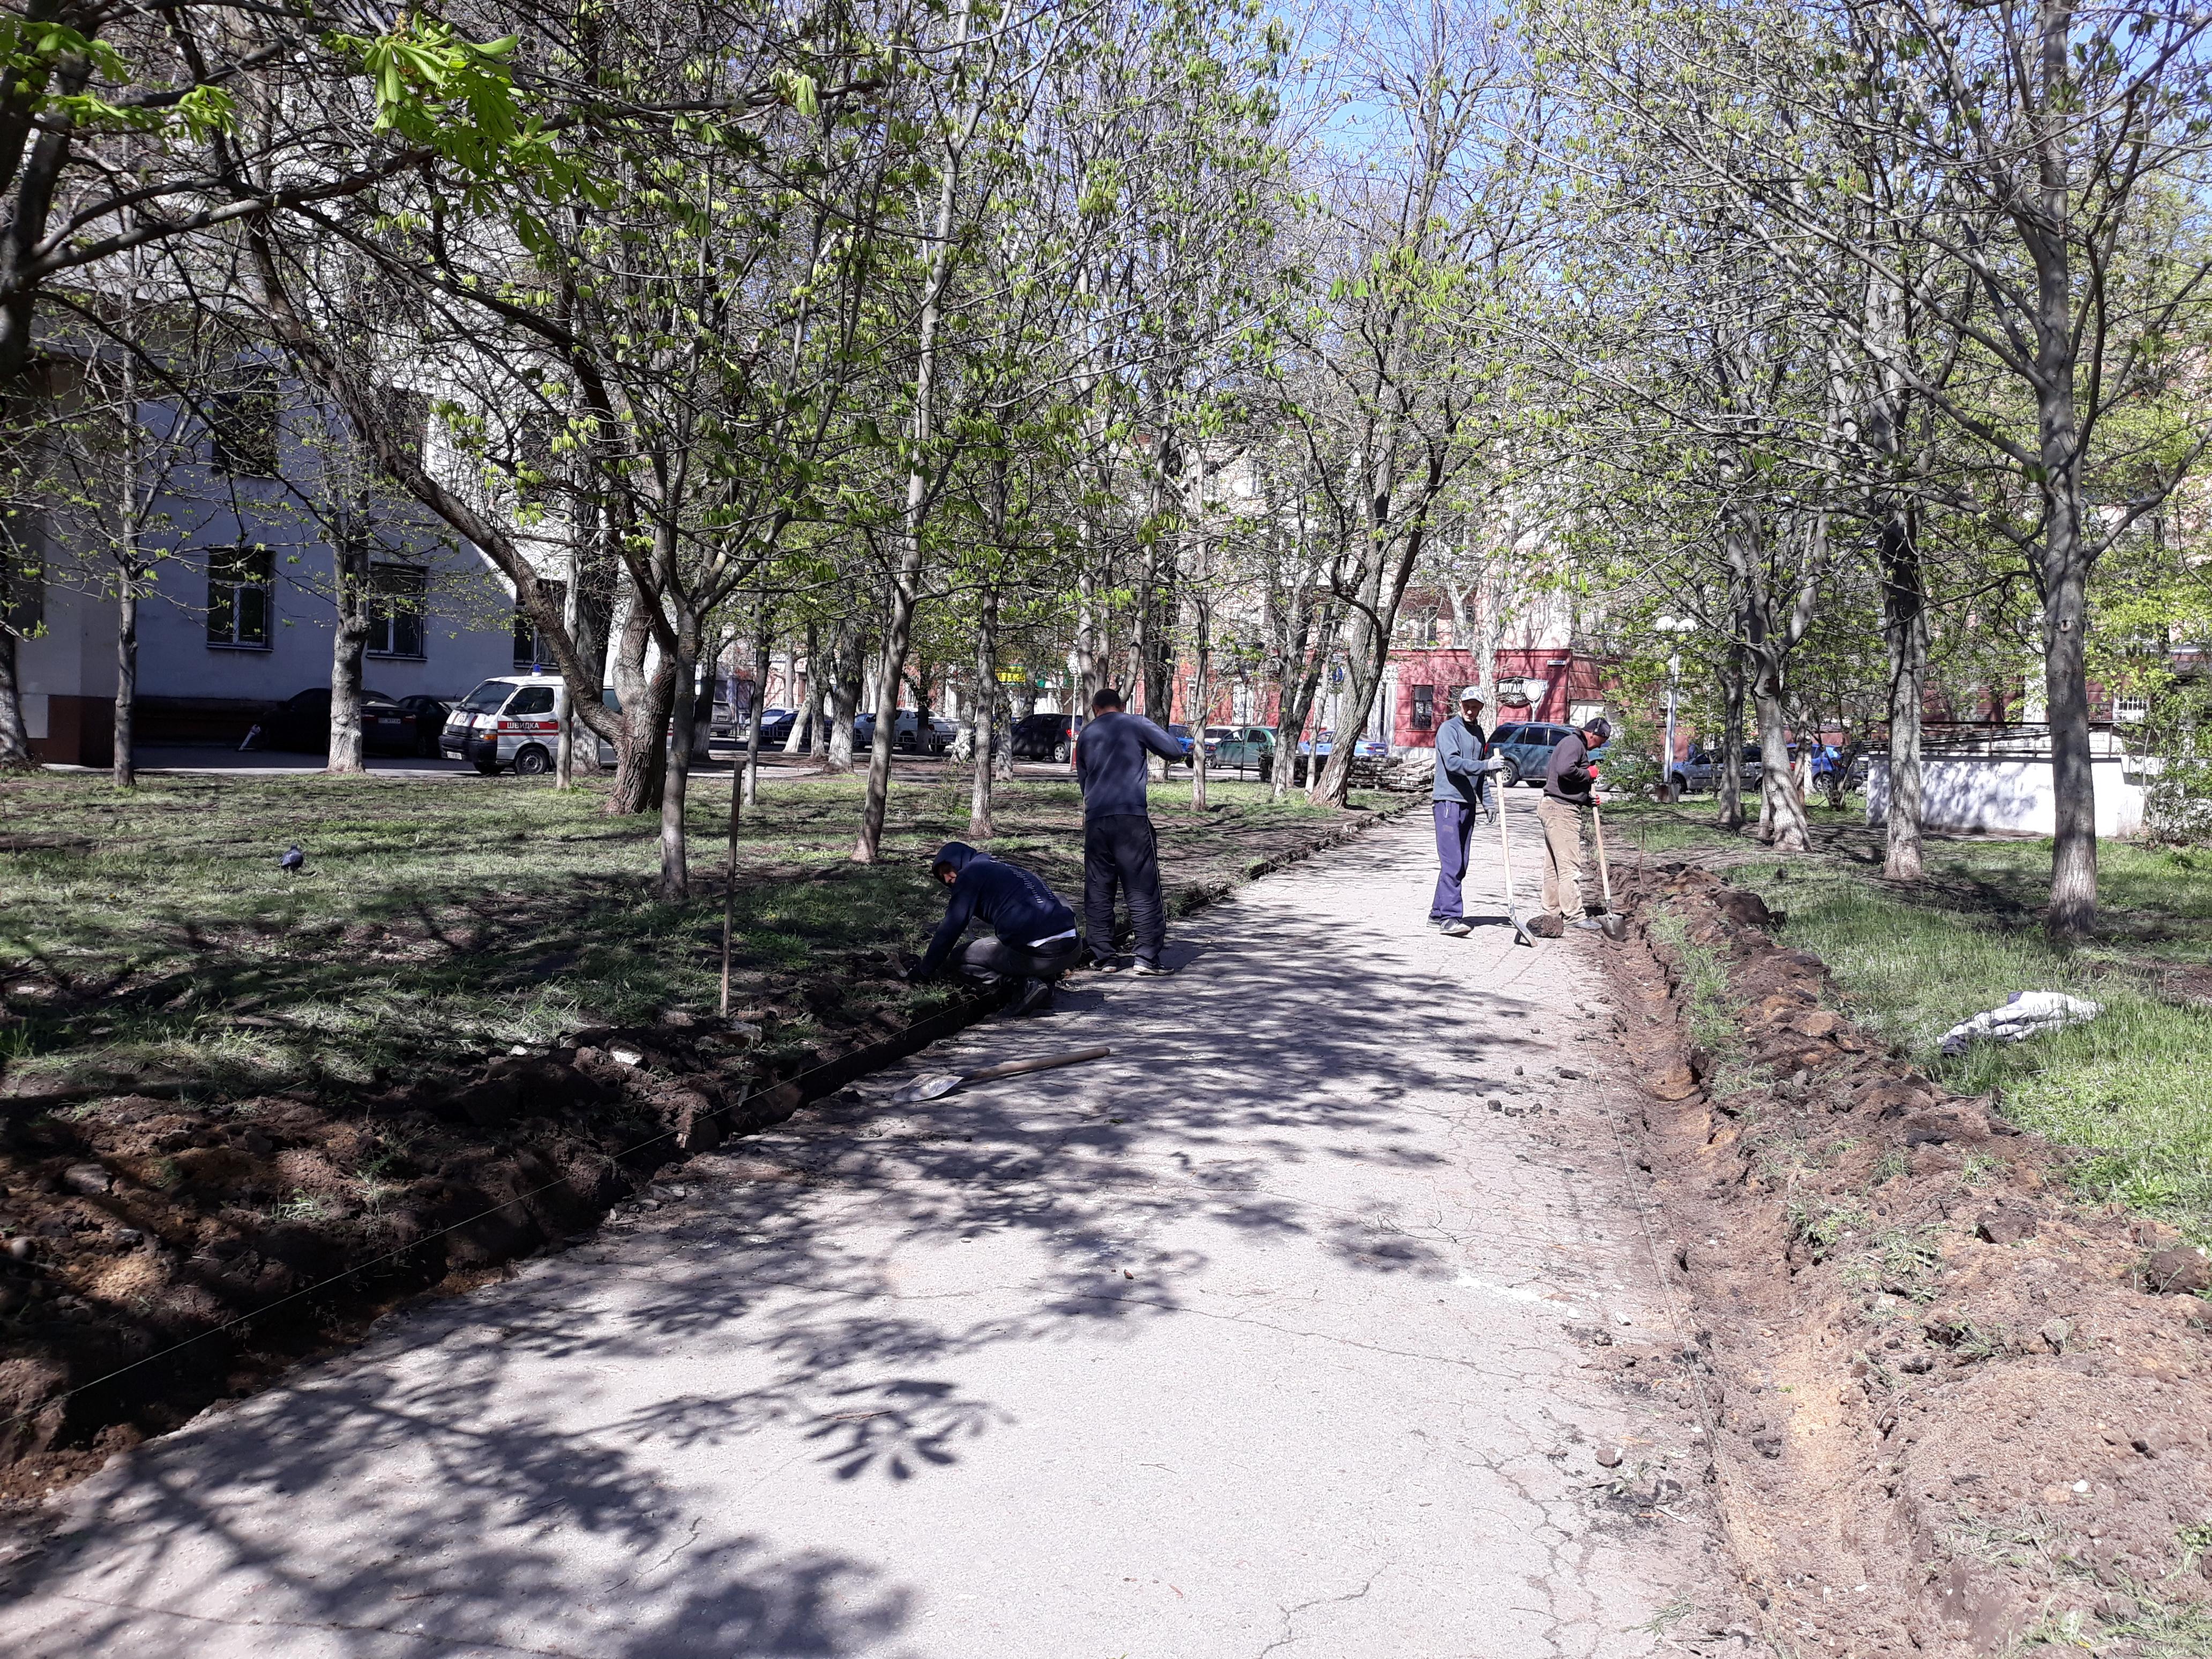 Еще одно популярное место отдыха херсонцев преобразится - начался ремонт сквера в центре города